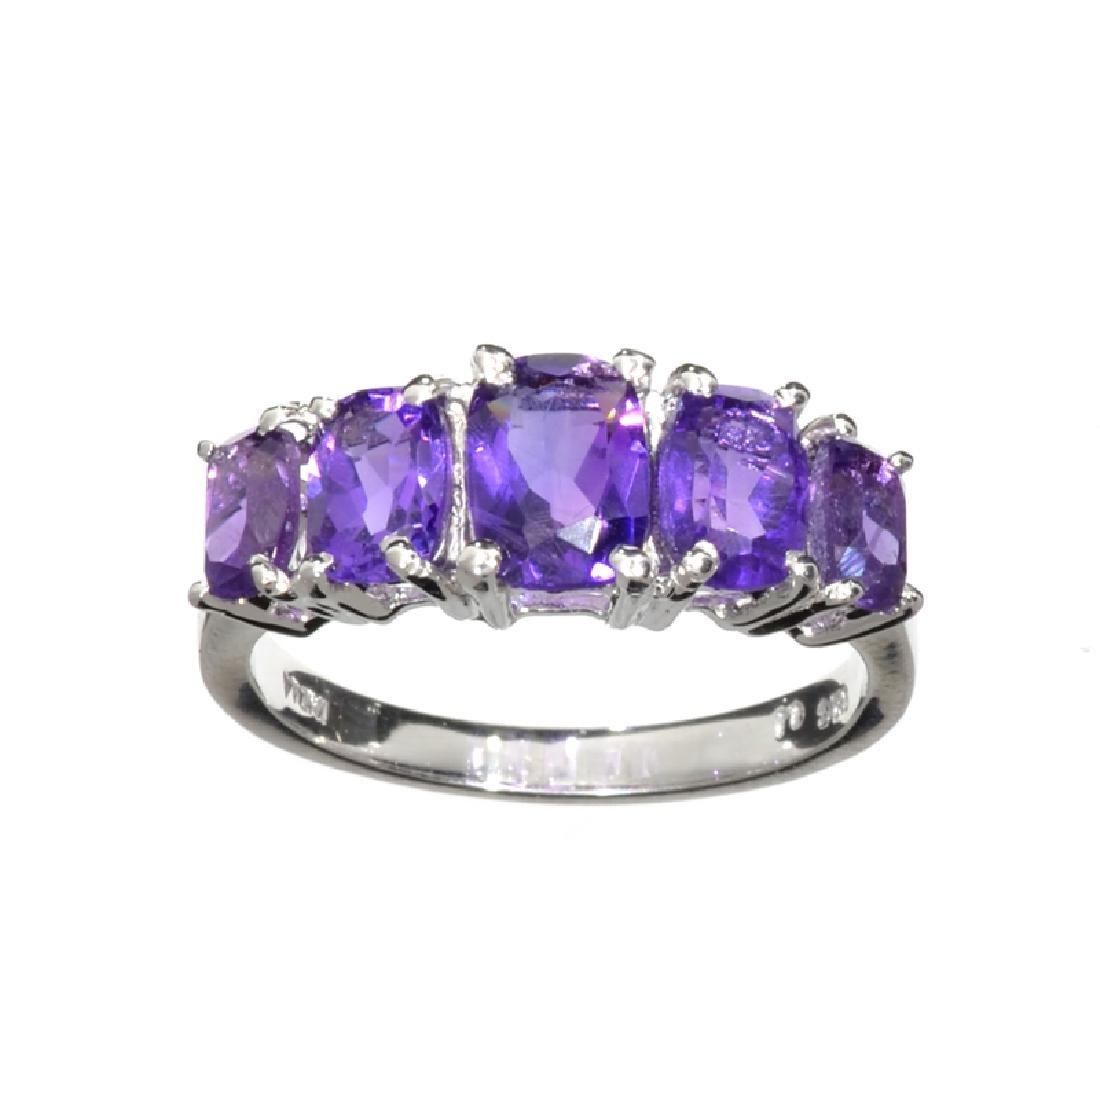 APP: 0.9k Fine Jewelry 2.25CT Oval Cut Purple Amethyst